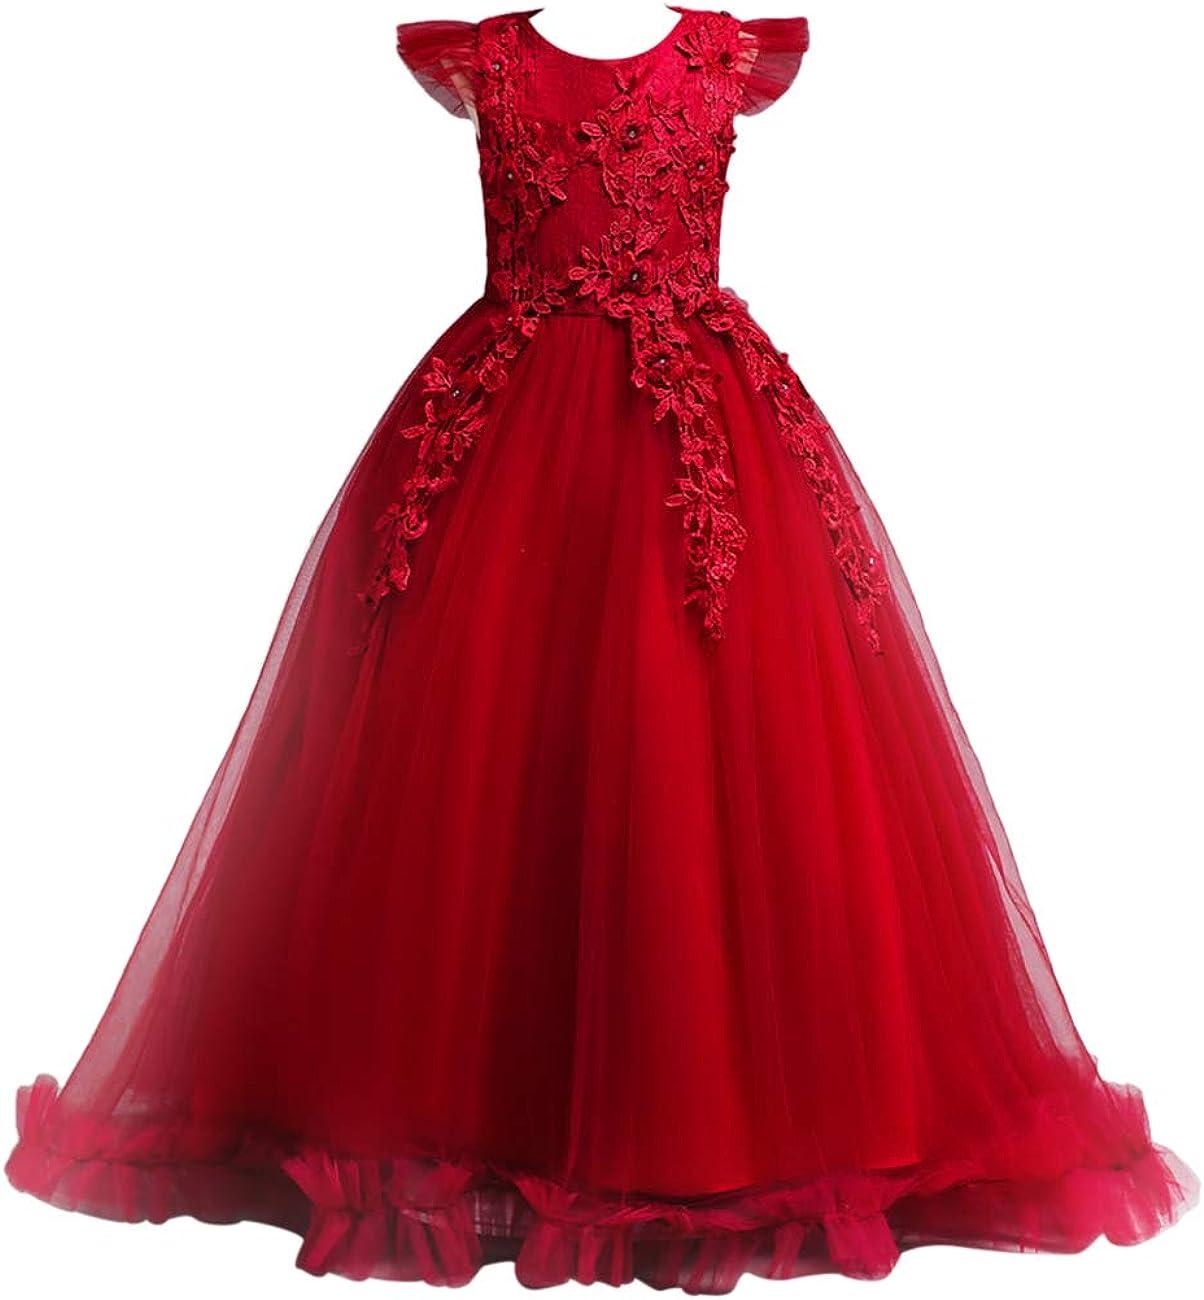 Petalo di Fiori Lunghezza del Piano Pageant Compleanno Vestito da Principessa Outfits besbomig Natale Nozze Sera Vestito Grandi Rragazze